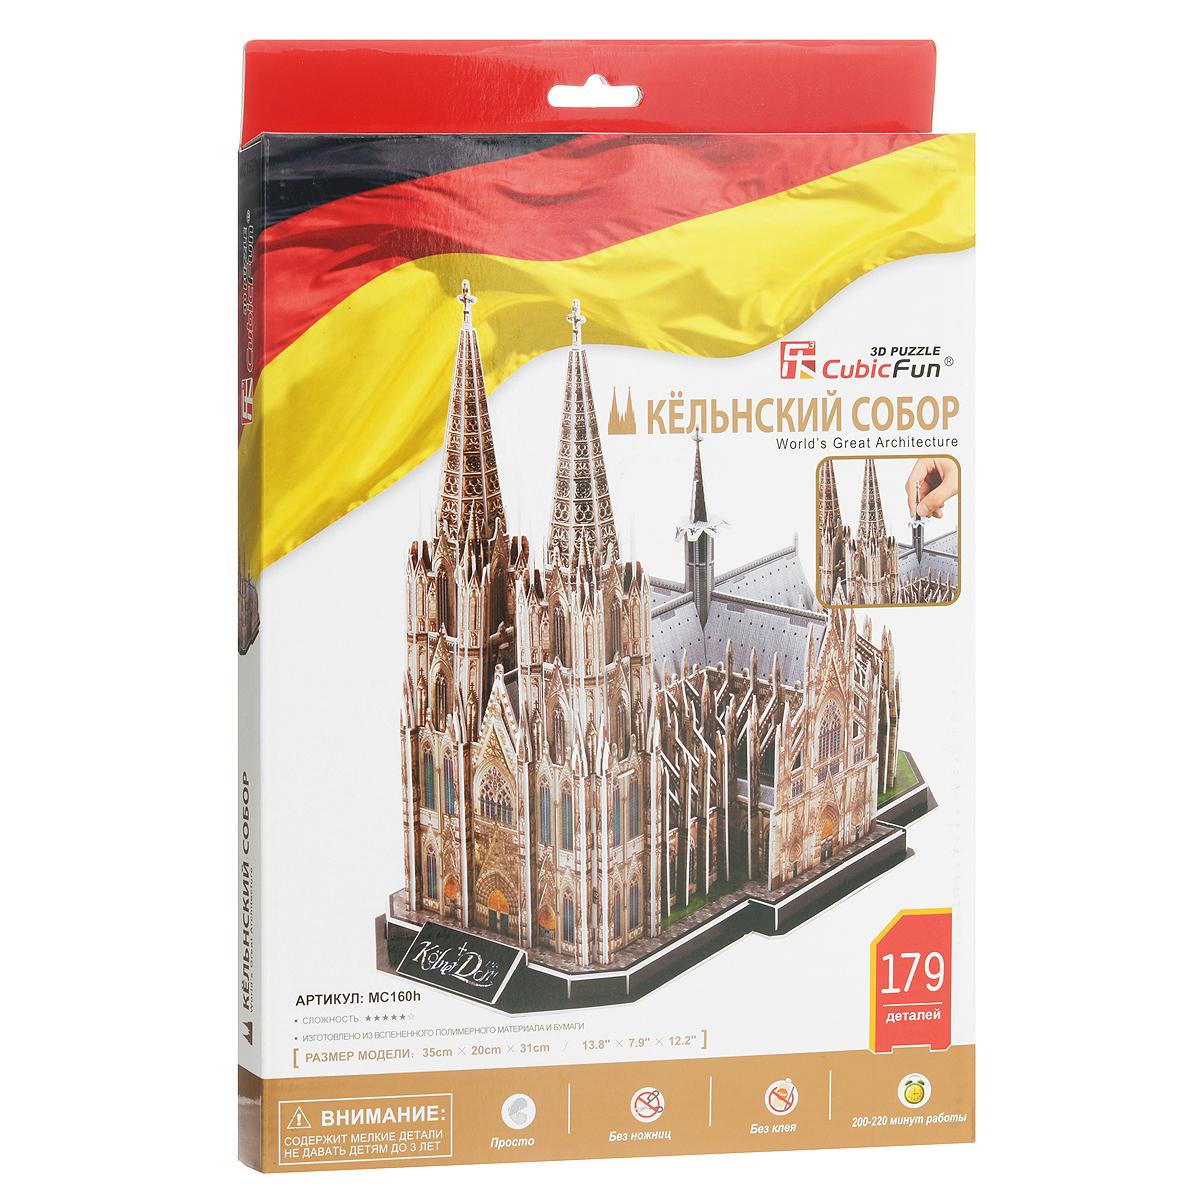 CubicFun Кельнский собор, Германия, 179 элементовMC160hОбъемный 3D-пазл Кельнский собор, Германия - прекрасный способ провести время увлекательно и с пользой. Комплект включает в себя 179 элементов, из которых вы и ваш ребенок сможете собрать модель римско-католического готического собора, который находится в Германии в городе Кельне. Для сборки модели клей и ножницы не понадобятся. Элементы оснащены пазами для легкого соединения. В комплект входит схематичная инструкция по сборке на русском языке. Пазл - великолепная игра для семейного досуга, захватывающая и взрослых, и детей. Сегодня собирание пазлов стало особенно популярным, главным образом, благодаря своей многообразной тематике, способной удовлетворить самый взыскательный вкус. Всегда приятно находиться в кругу семьи или друзей и собирать из разрозненных кусочков увлекательные сюжеты. Приблизительное время сборки: 200-220 минут.